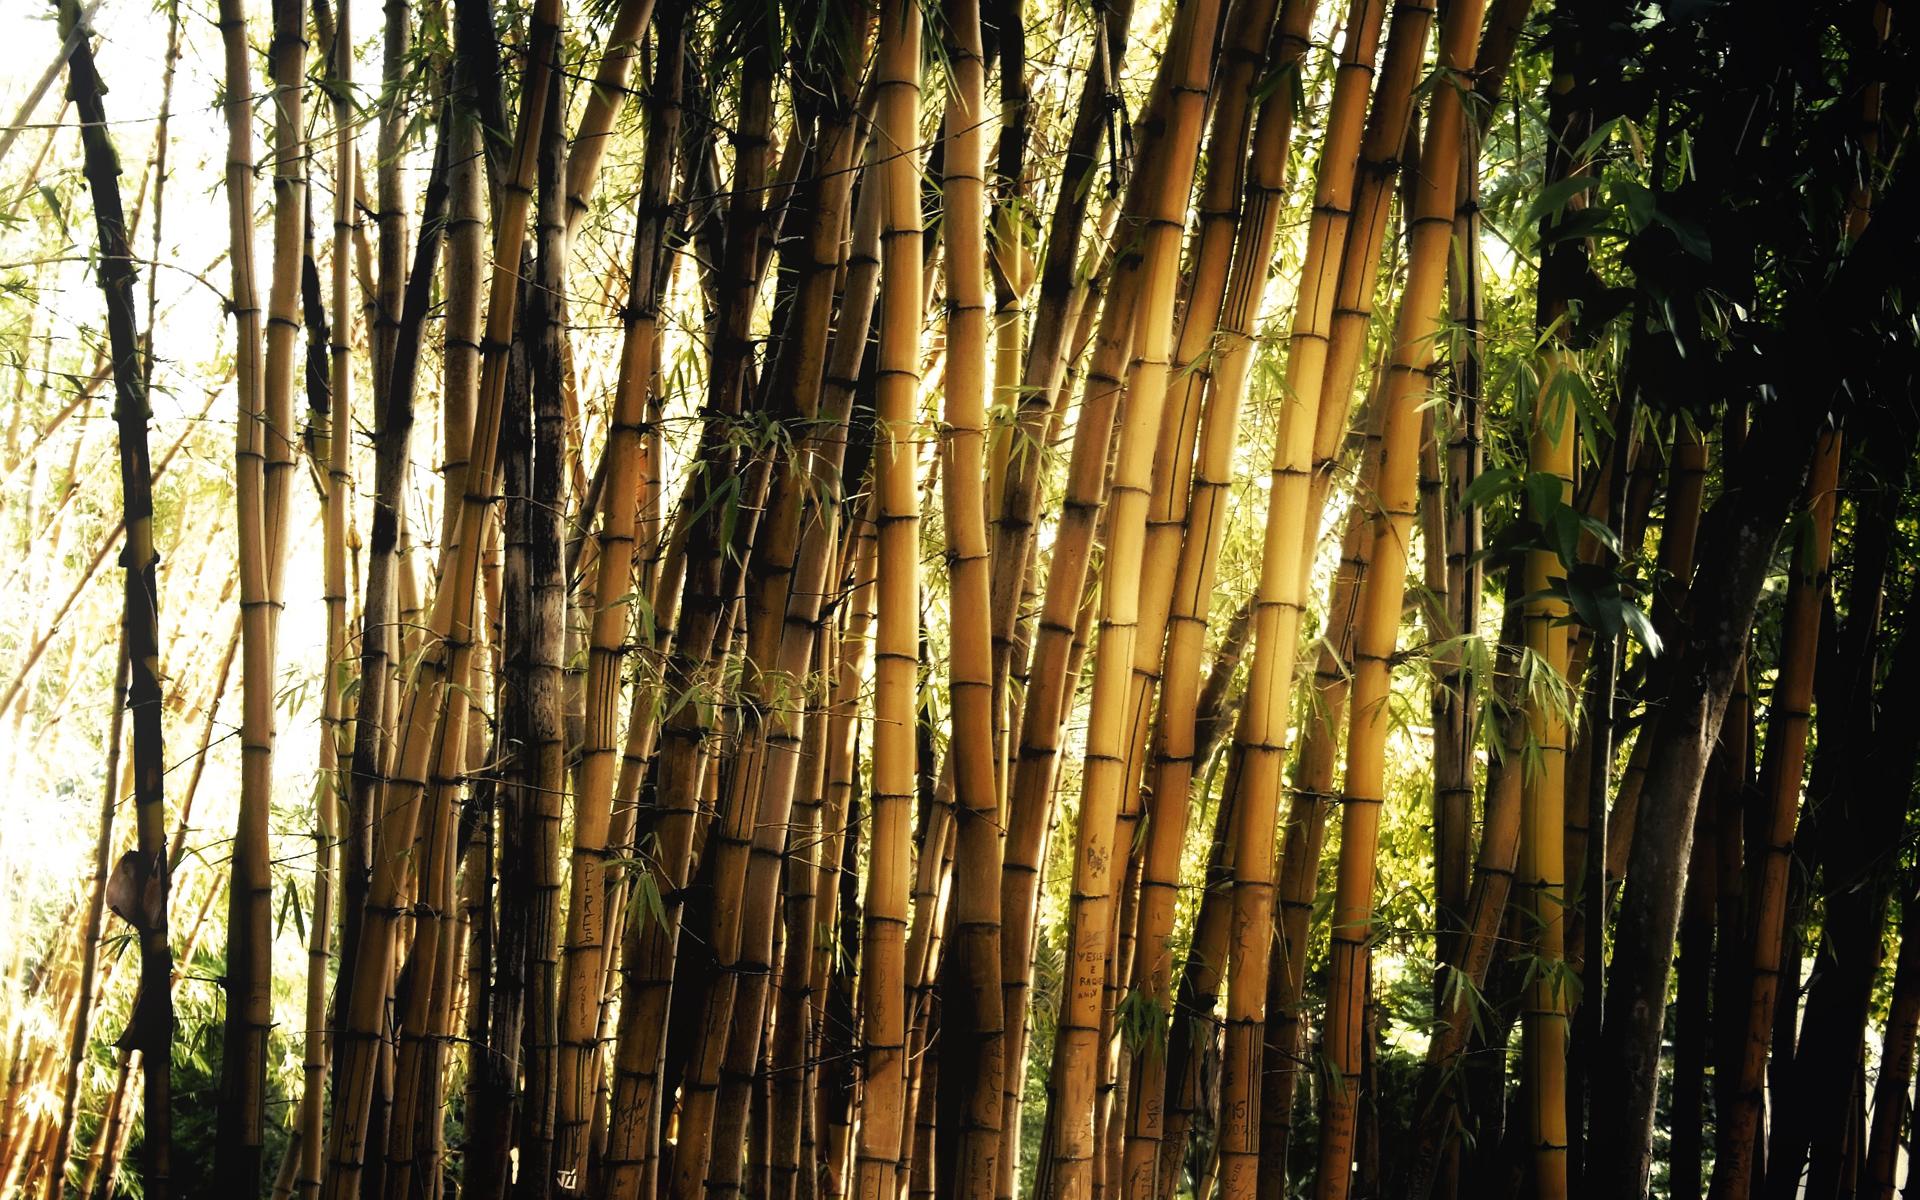 картинка с бамбуком исключено